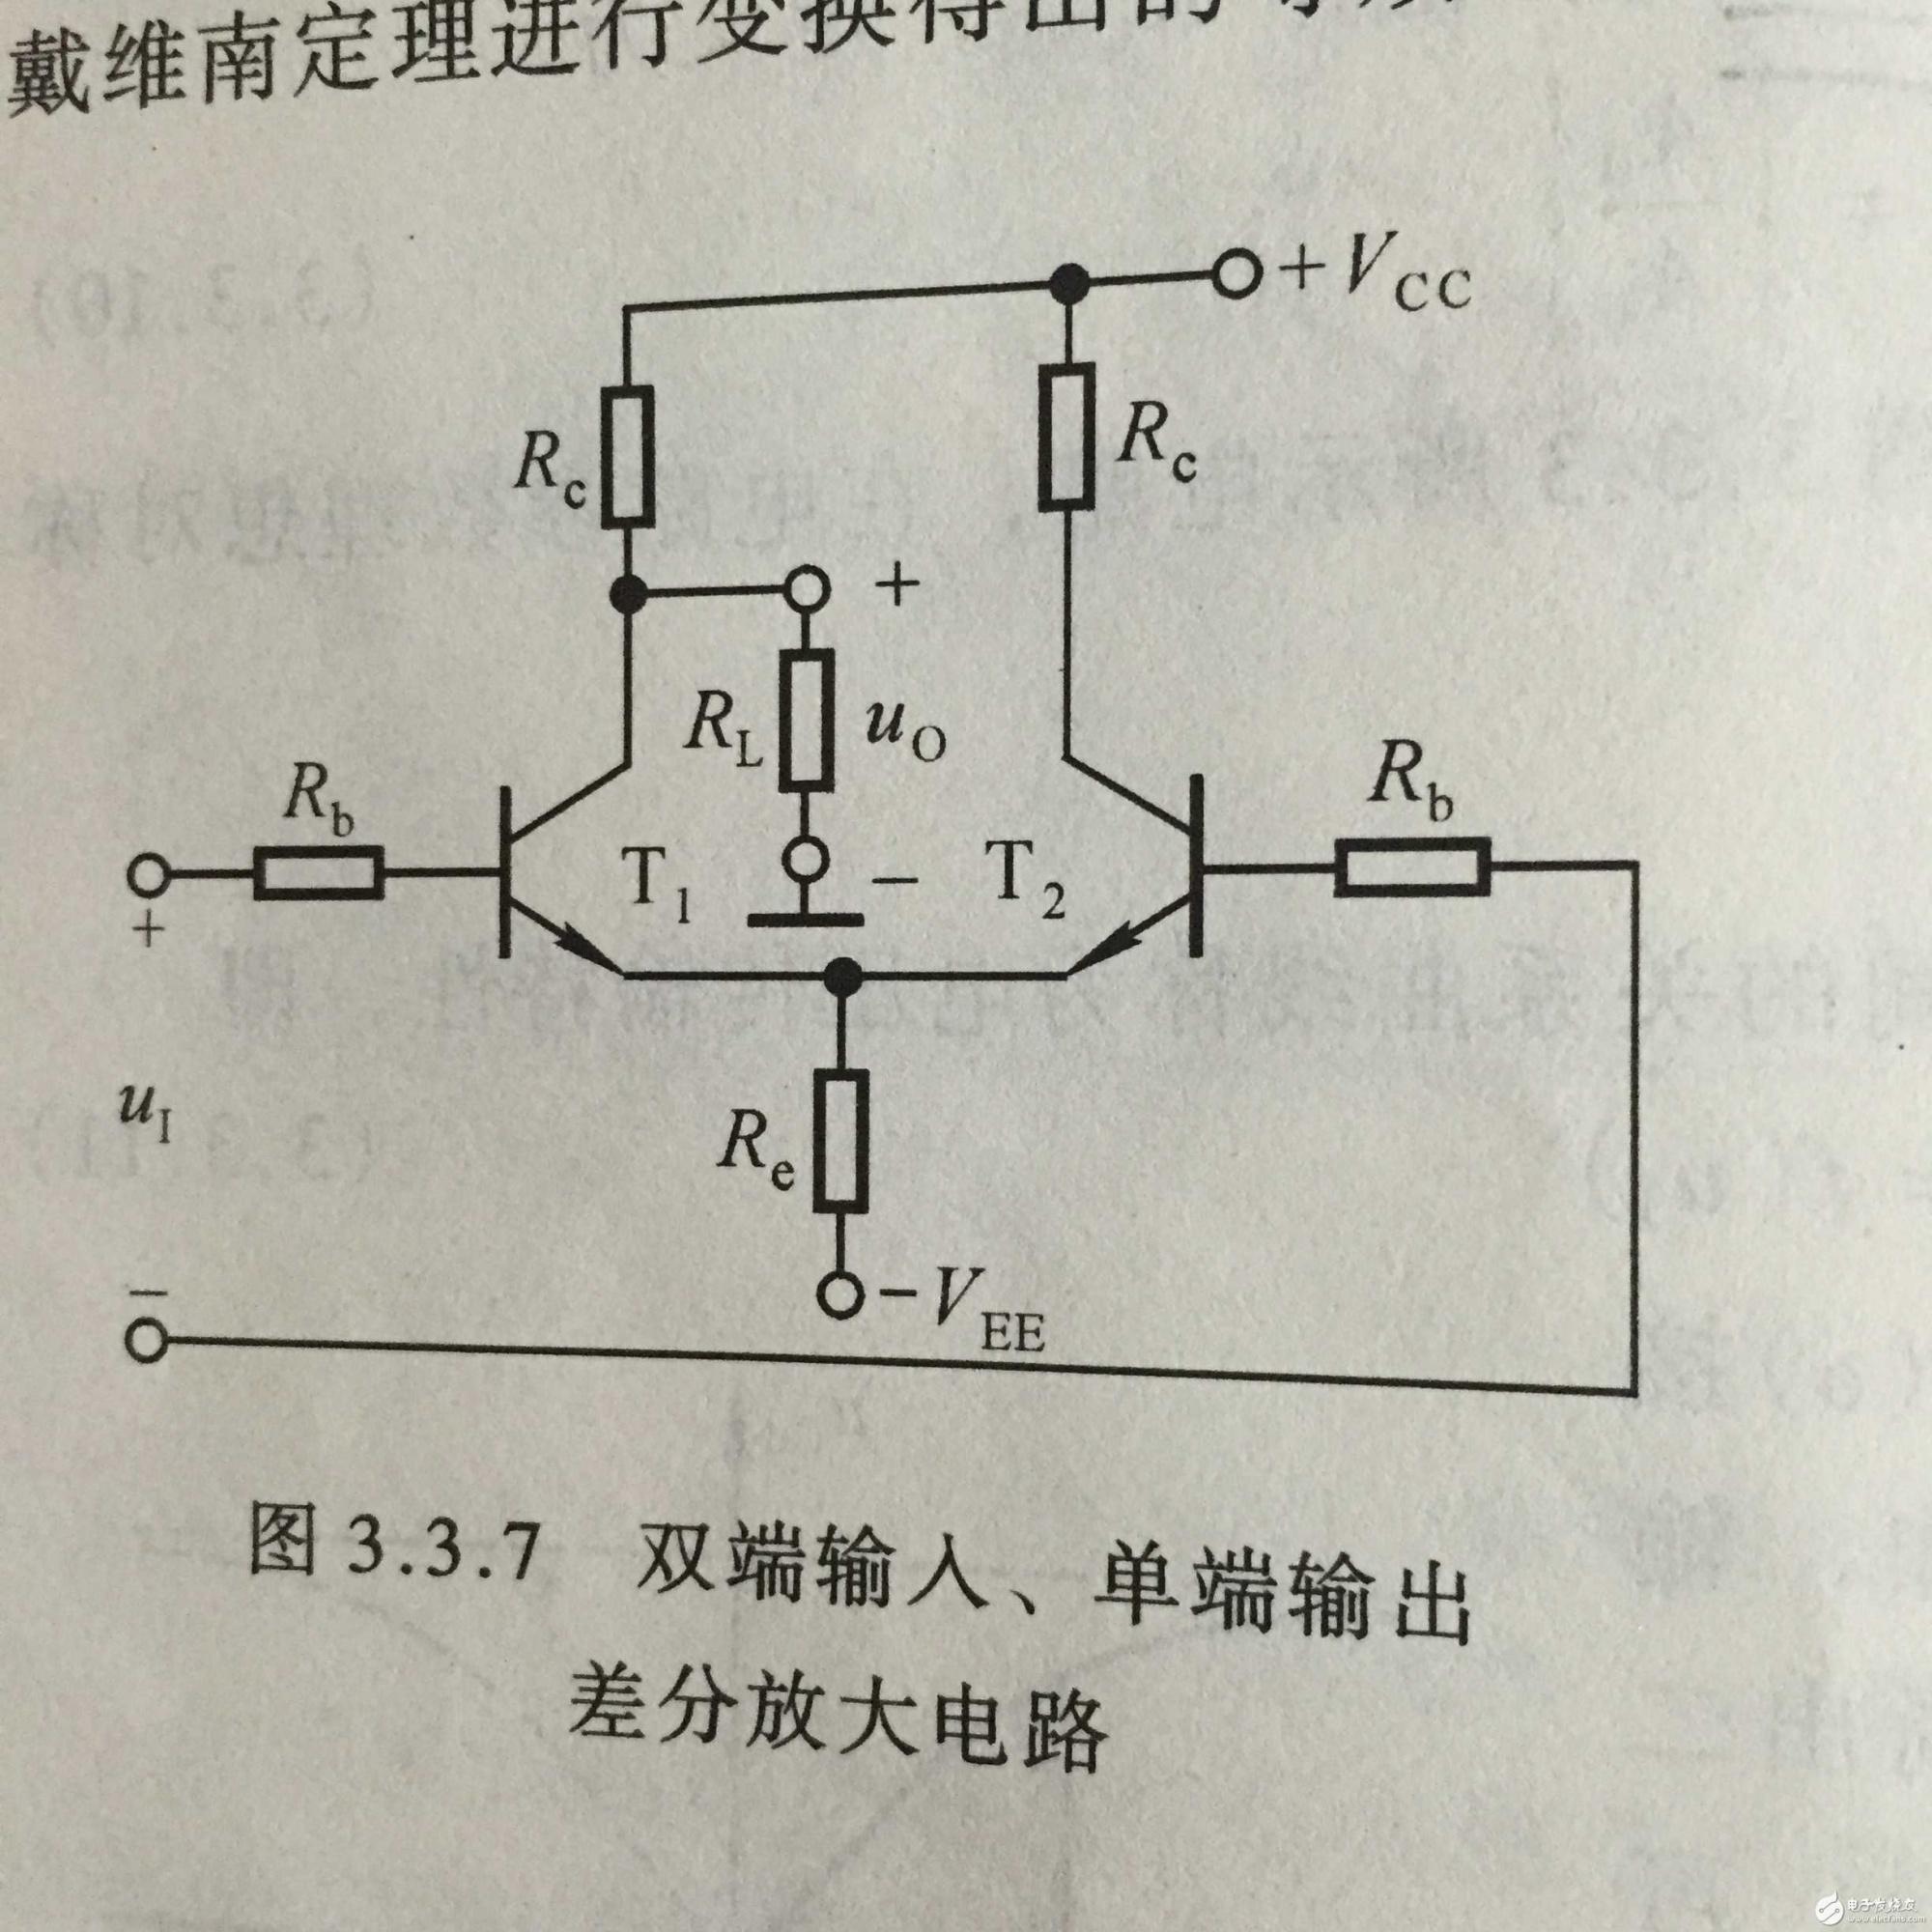 差分放大电路单端输出相关问题